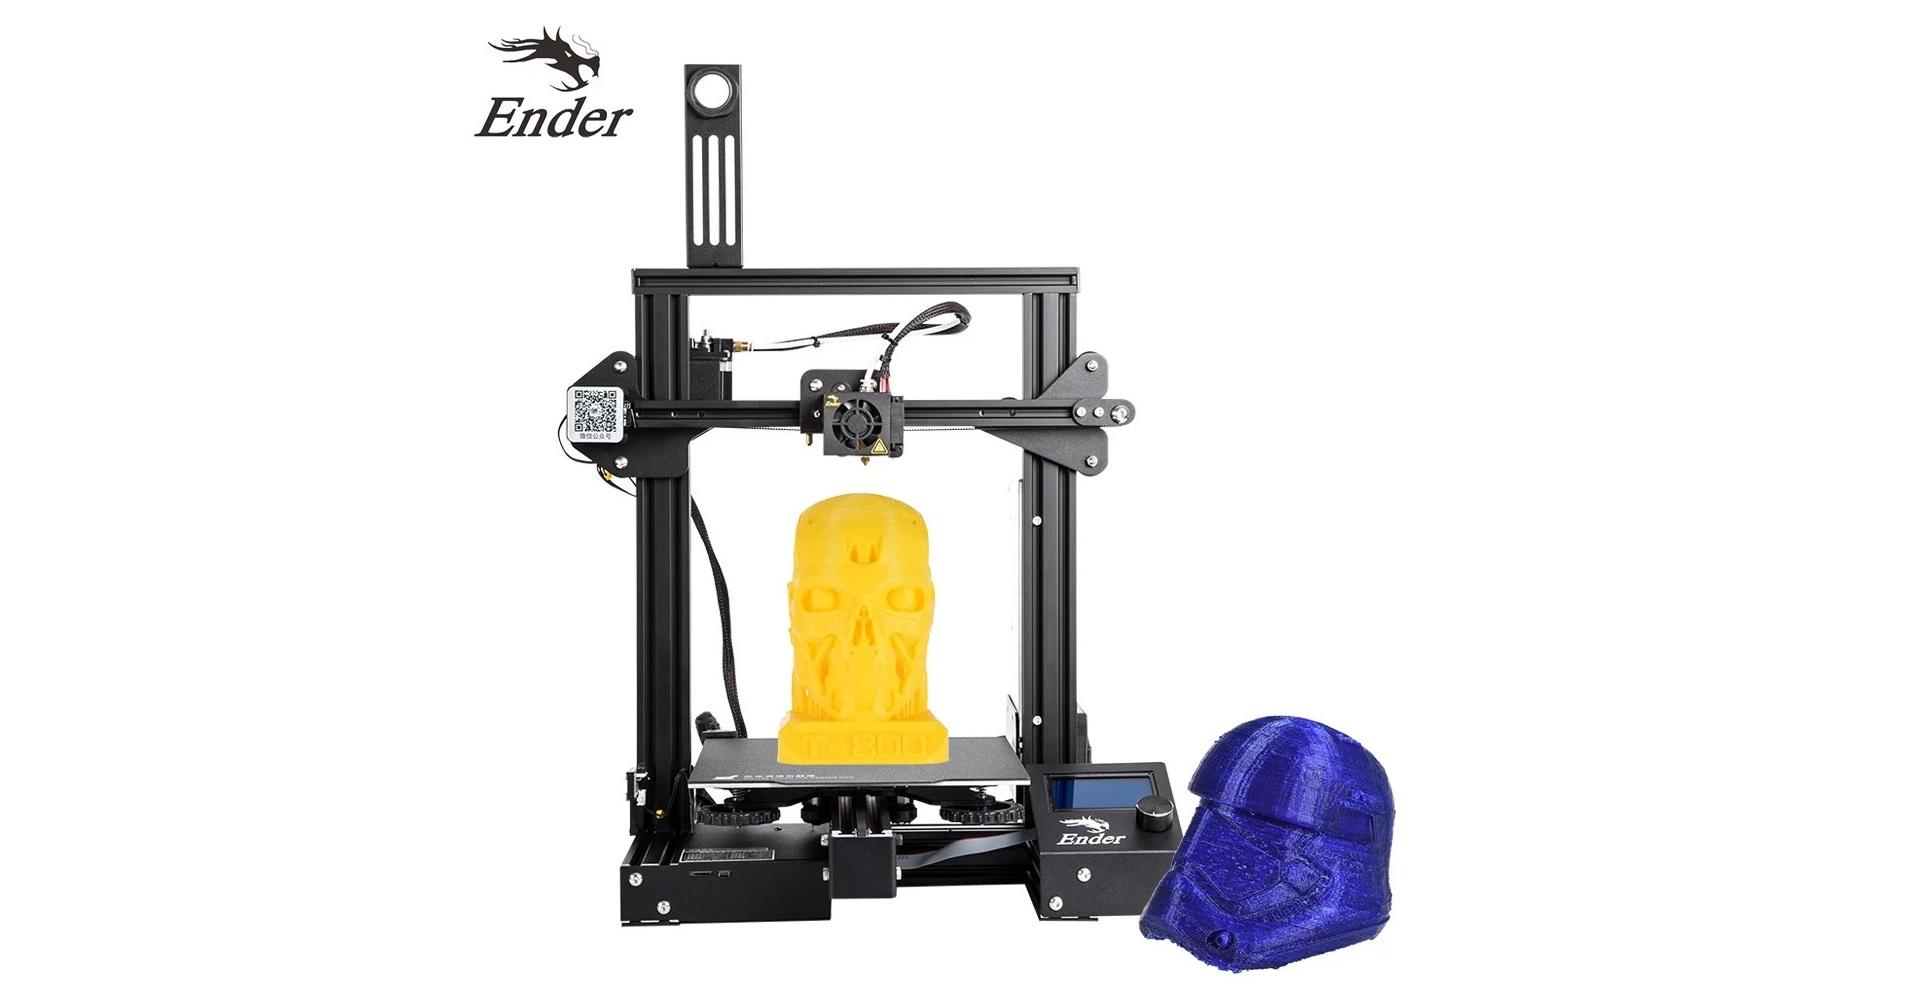 Znáte Anet A8? Nebo další dvě 3D tiskárny? Jsou nyní v akci na Cafago.com [sponzorovaný článek]